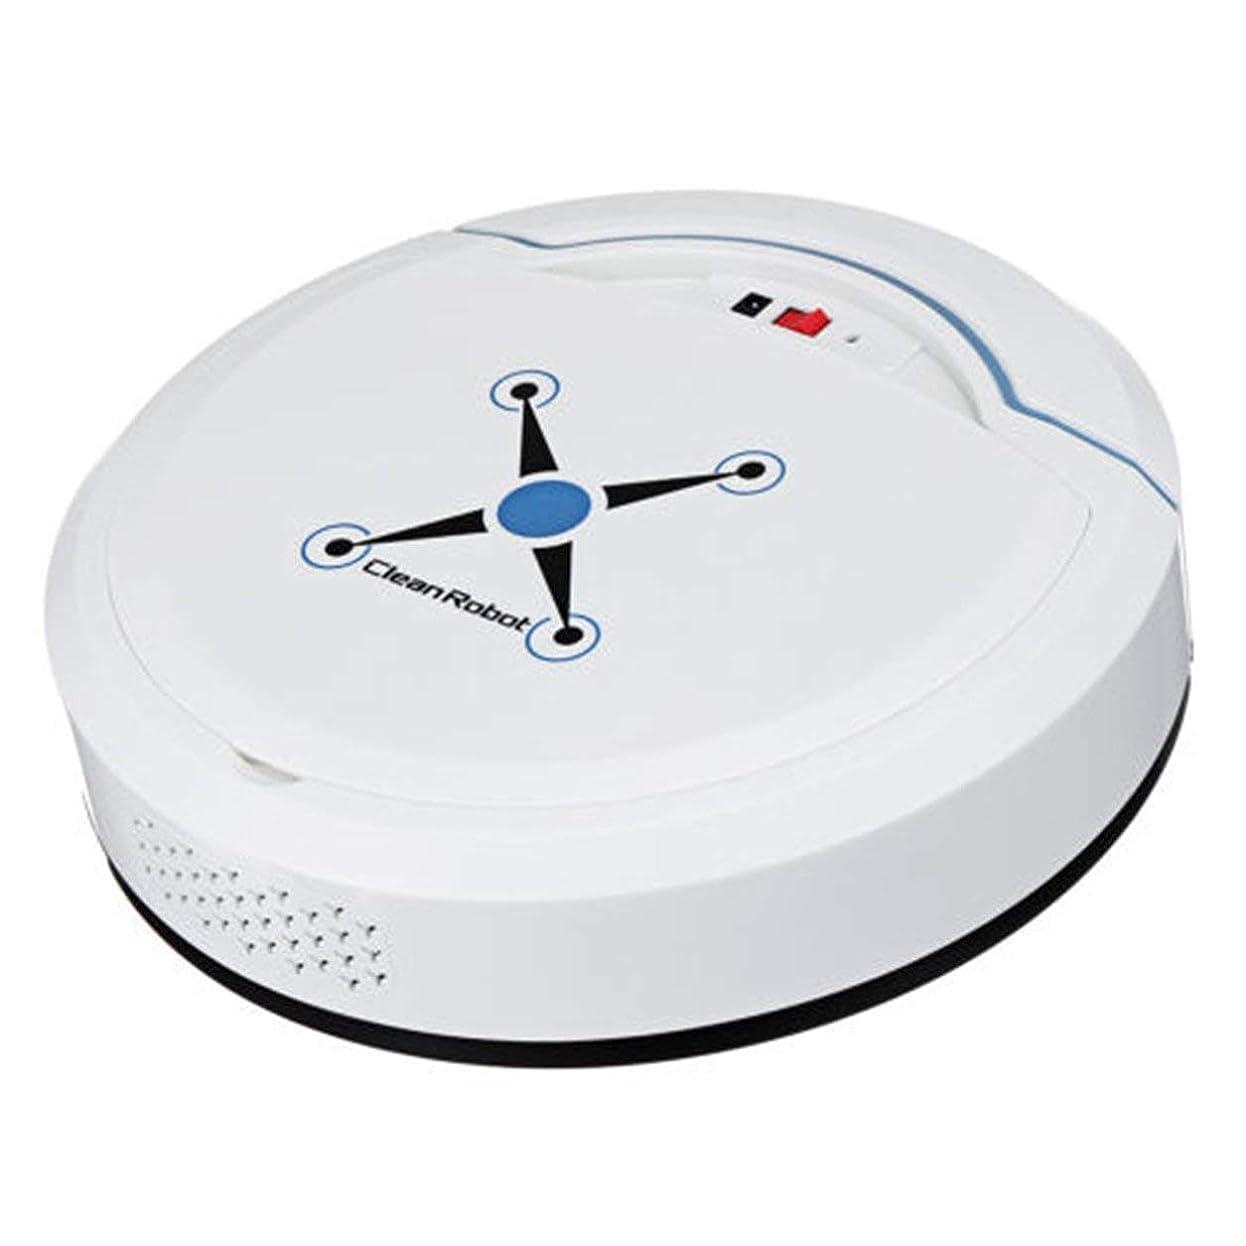 靴哀不一致Saikogoods 充電式 自動清掃ロボット スマート掃くロボット 真空フロアクリーナー ホーム掃くマシン 白